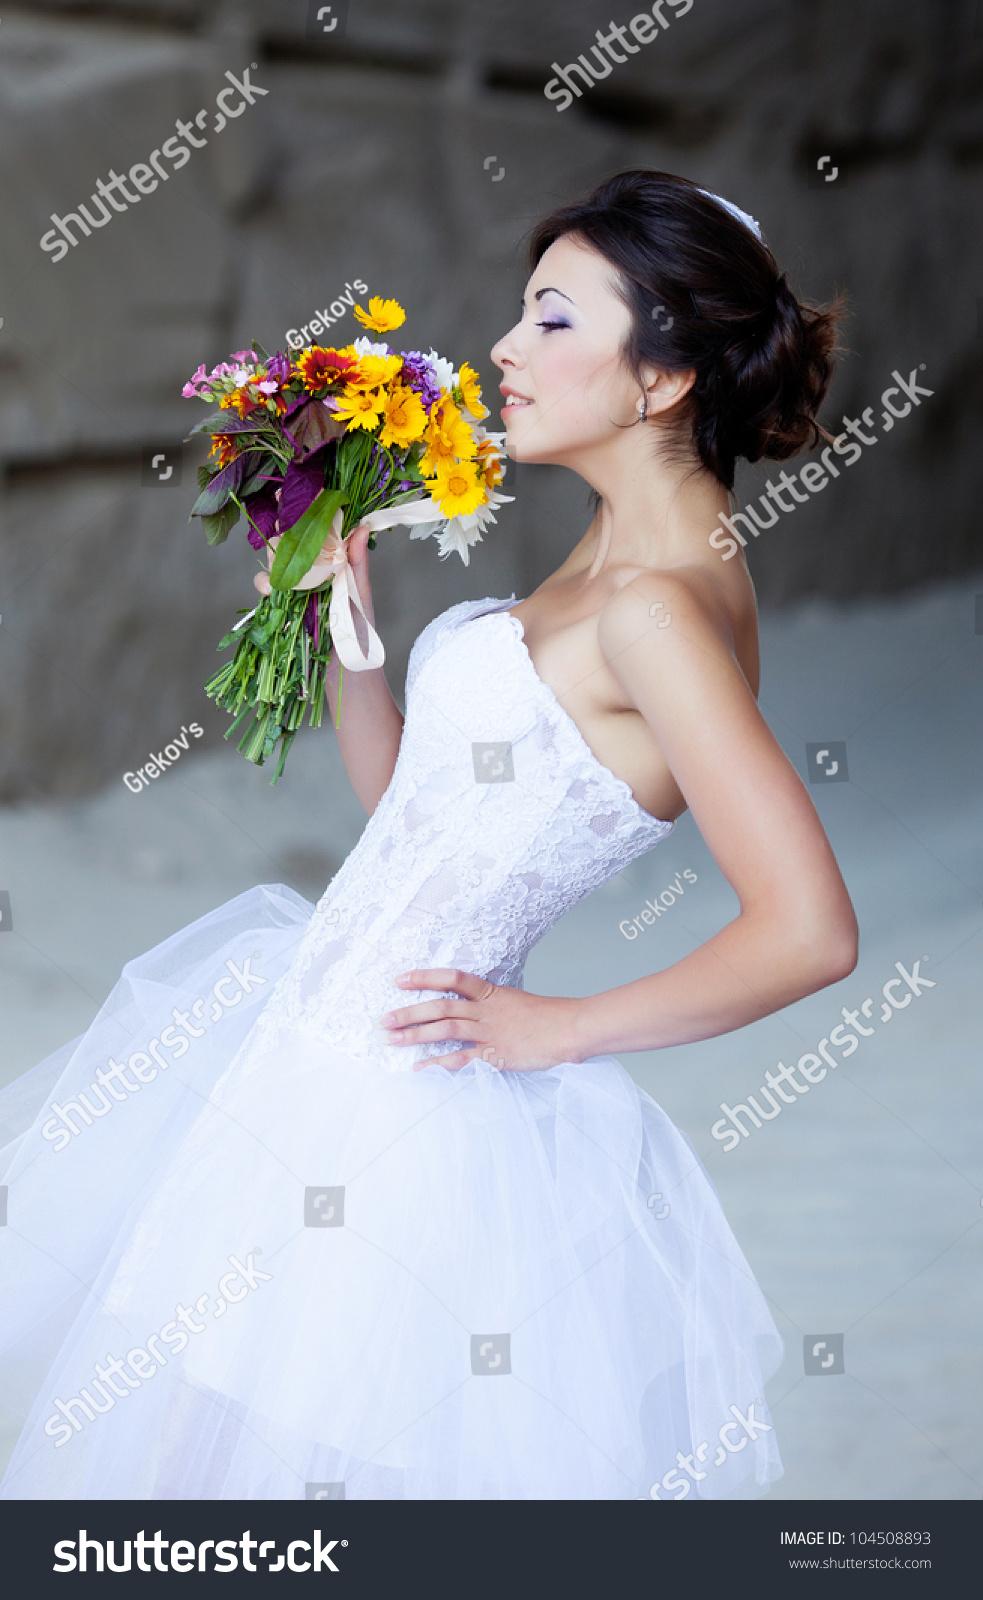 Speed Shutterstock Beautiful Bride